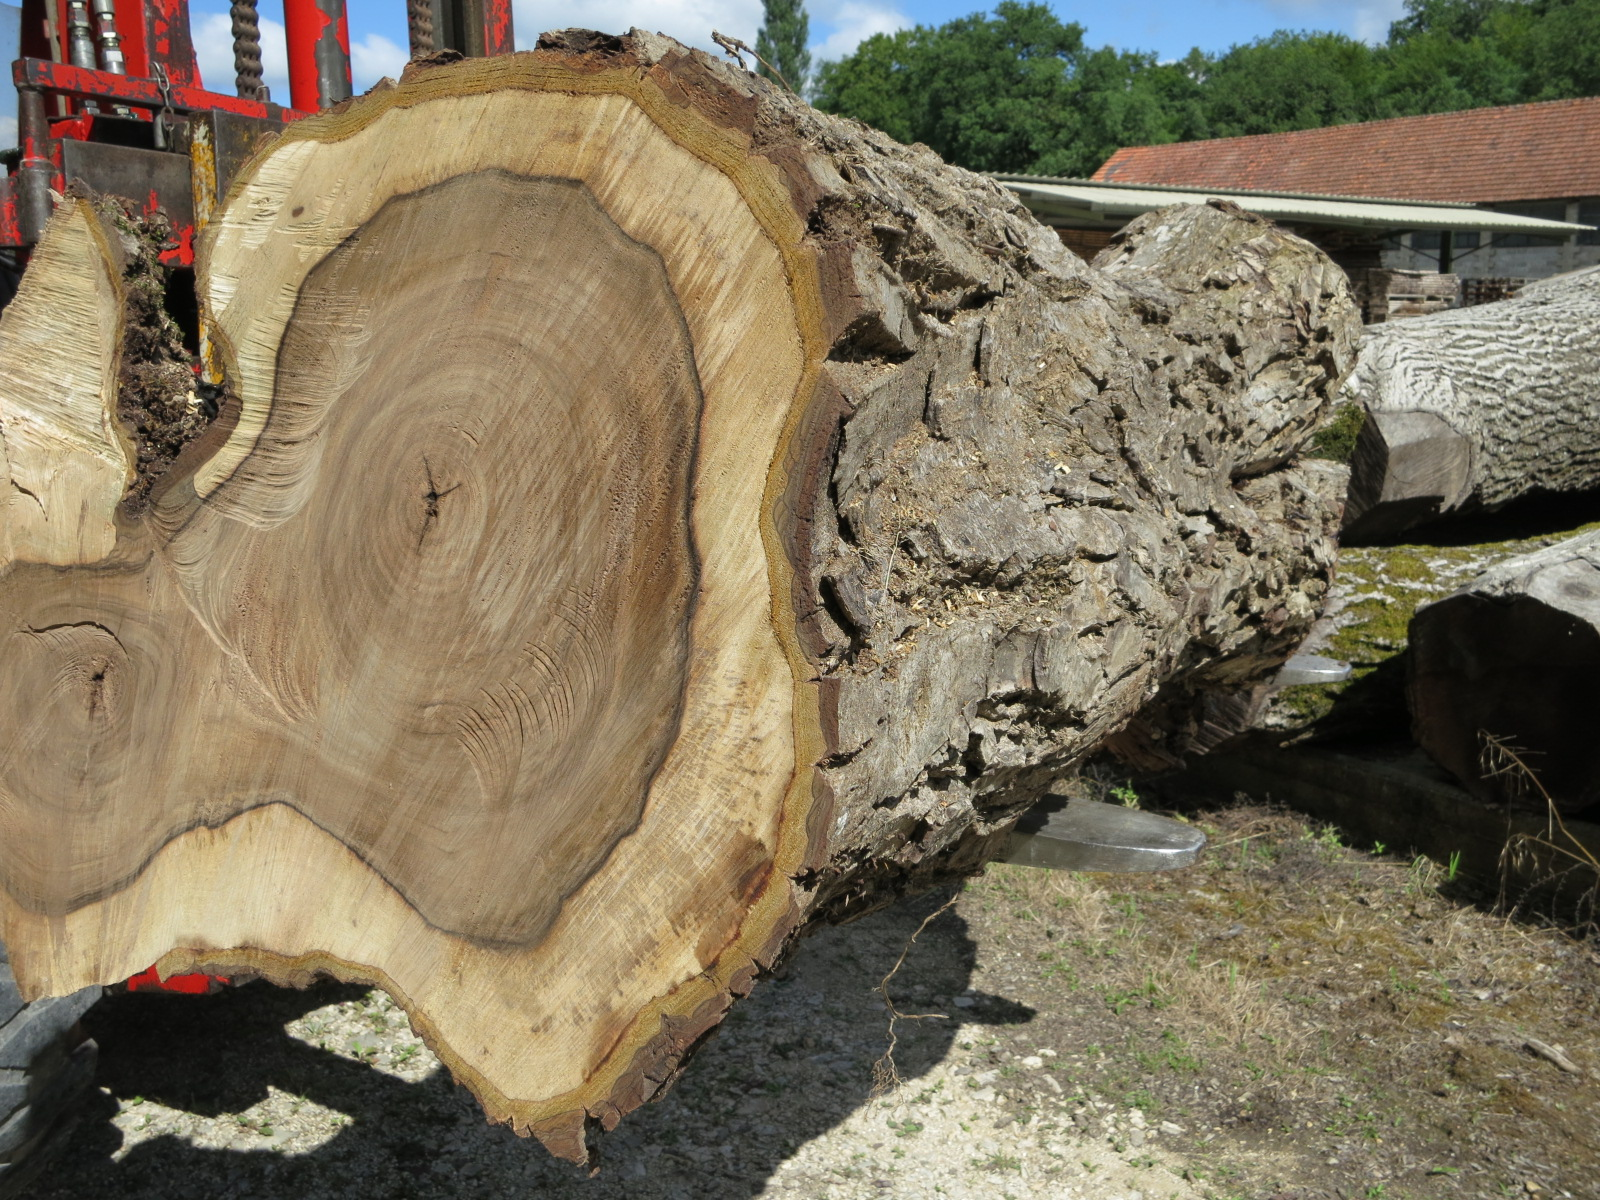 Trunk of common walnut (regia)